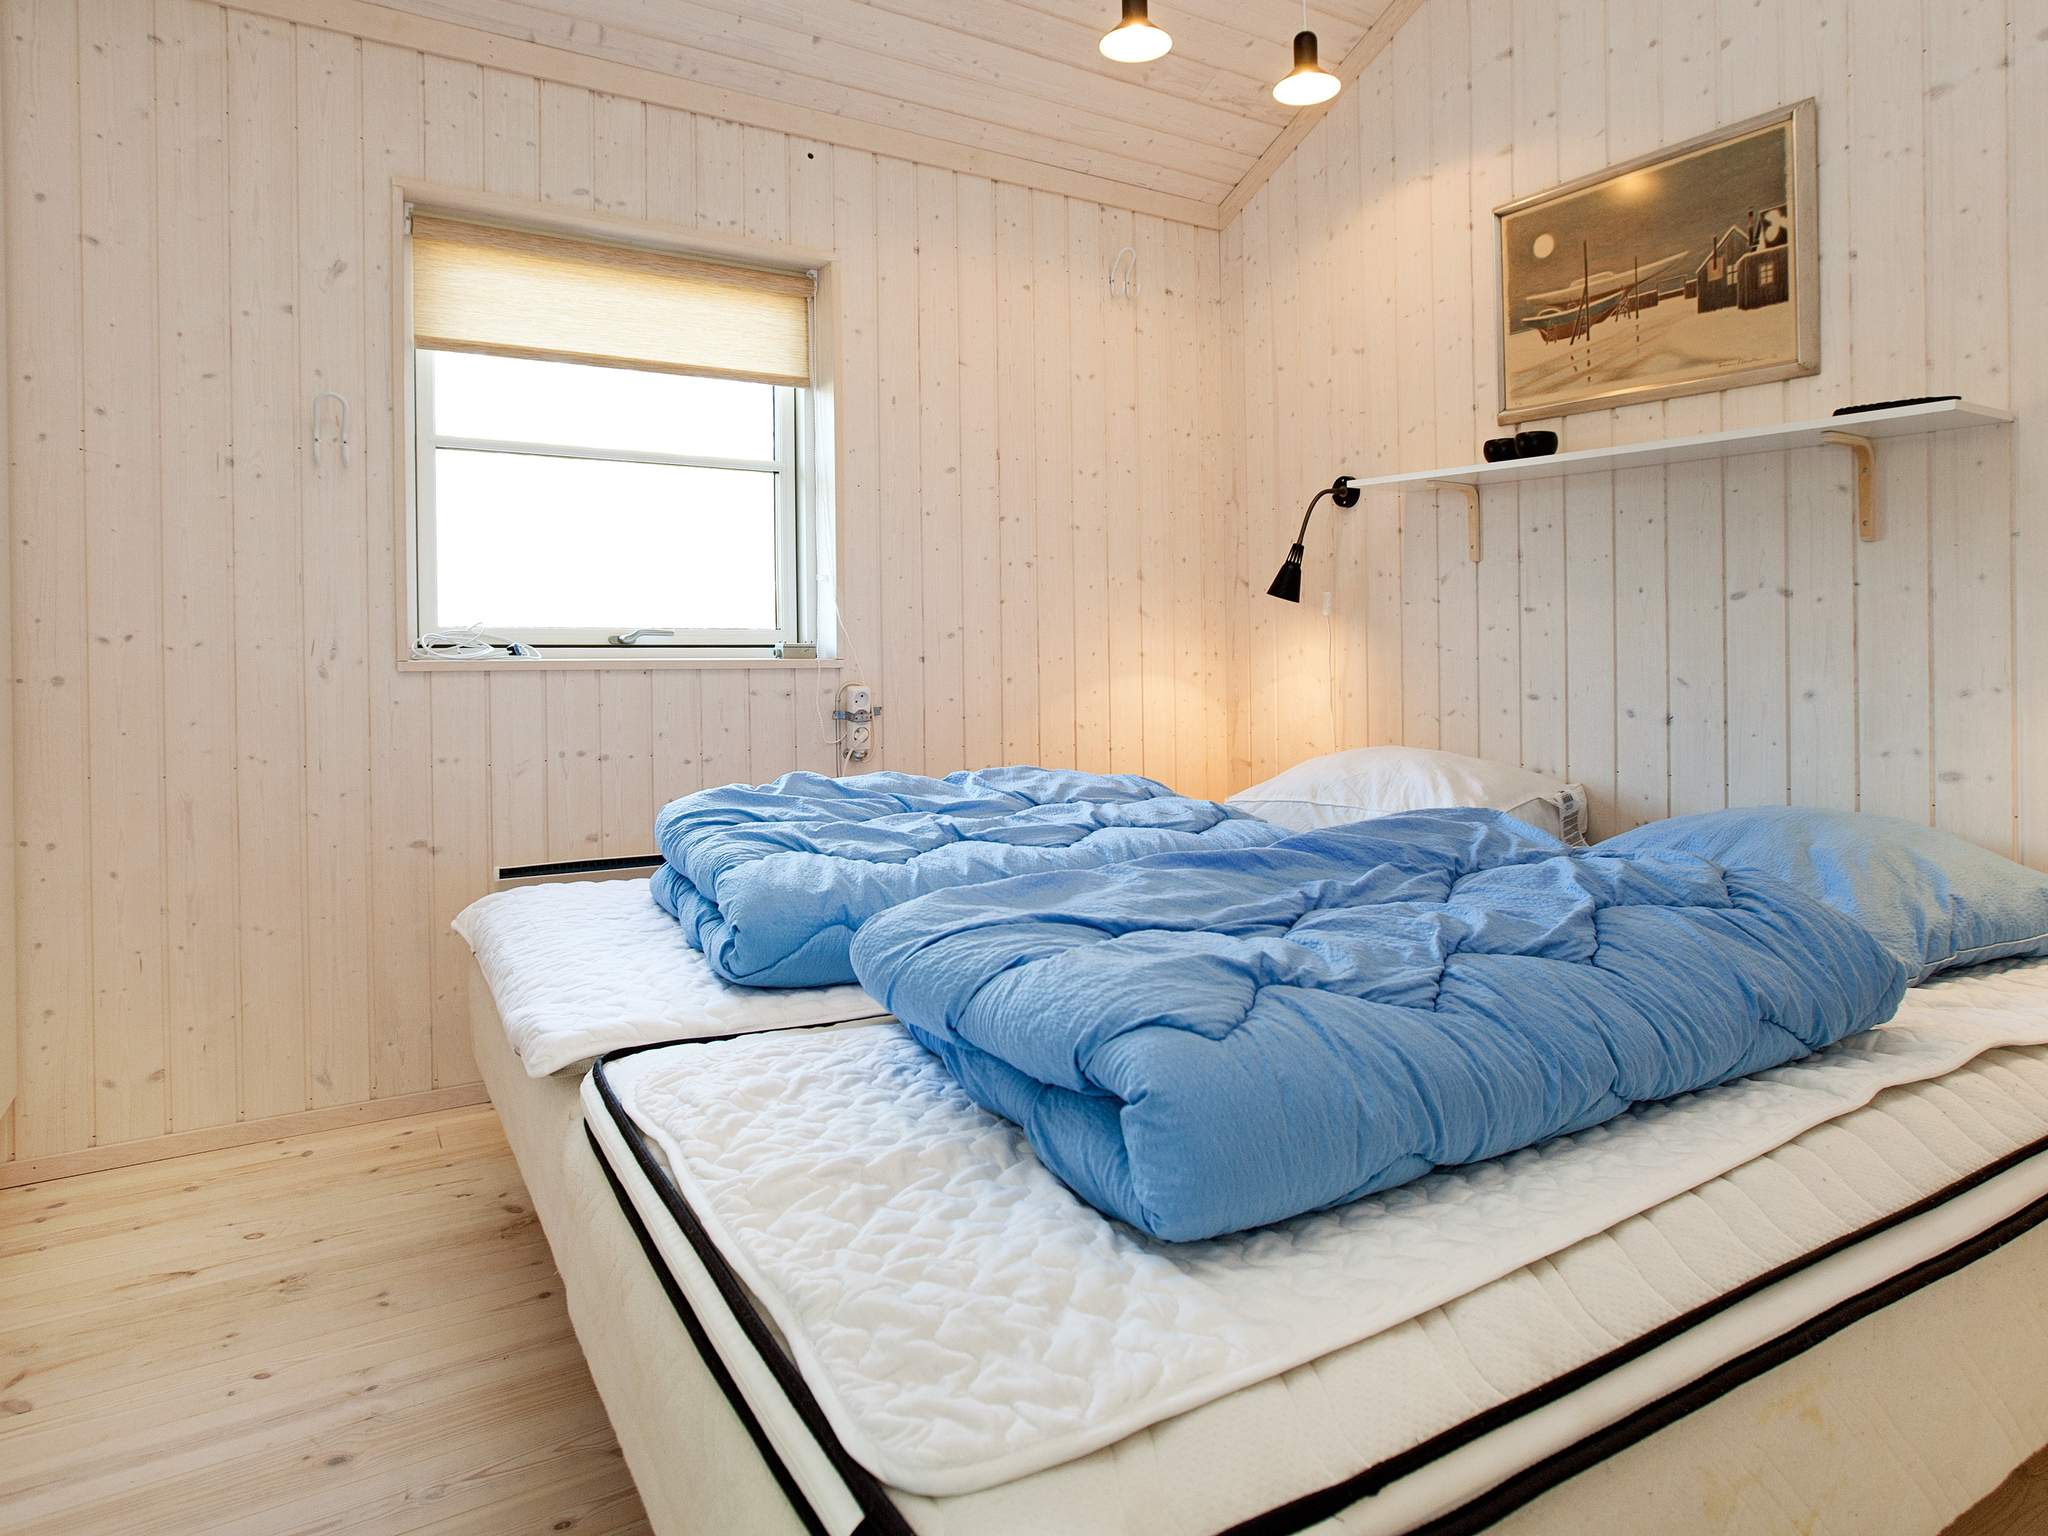 Ferienhaus Stillinge Strand (2061200), Slagelse, , Westseeland, Dänemark, Bild 2